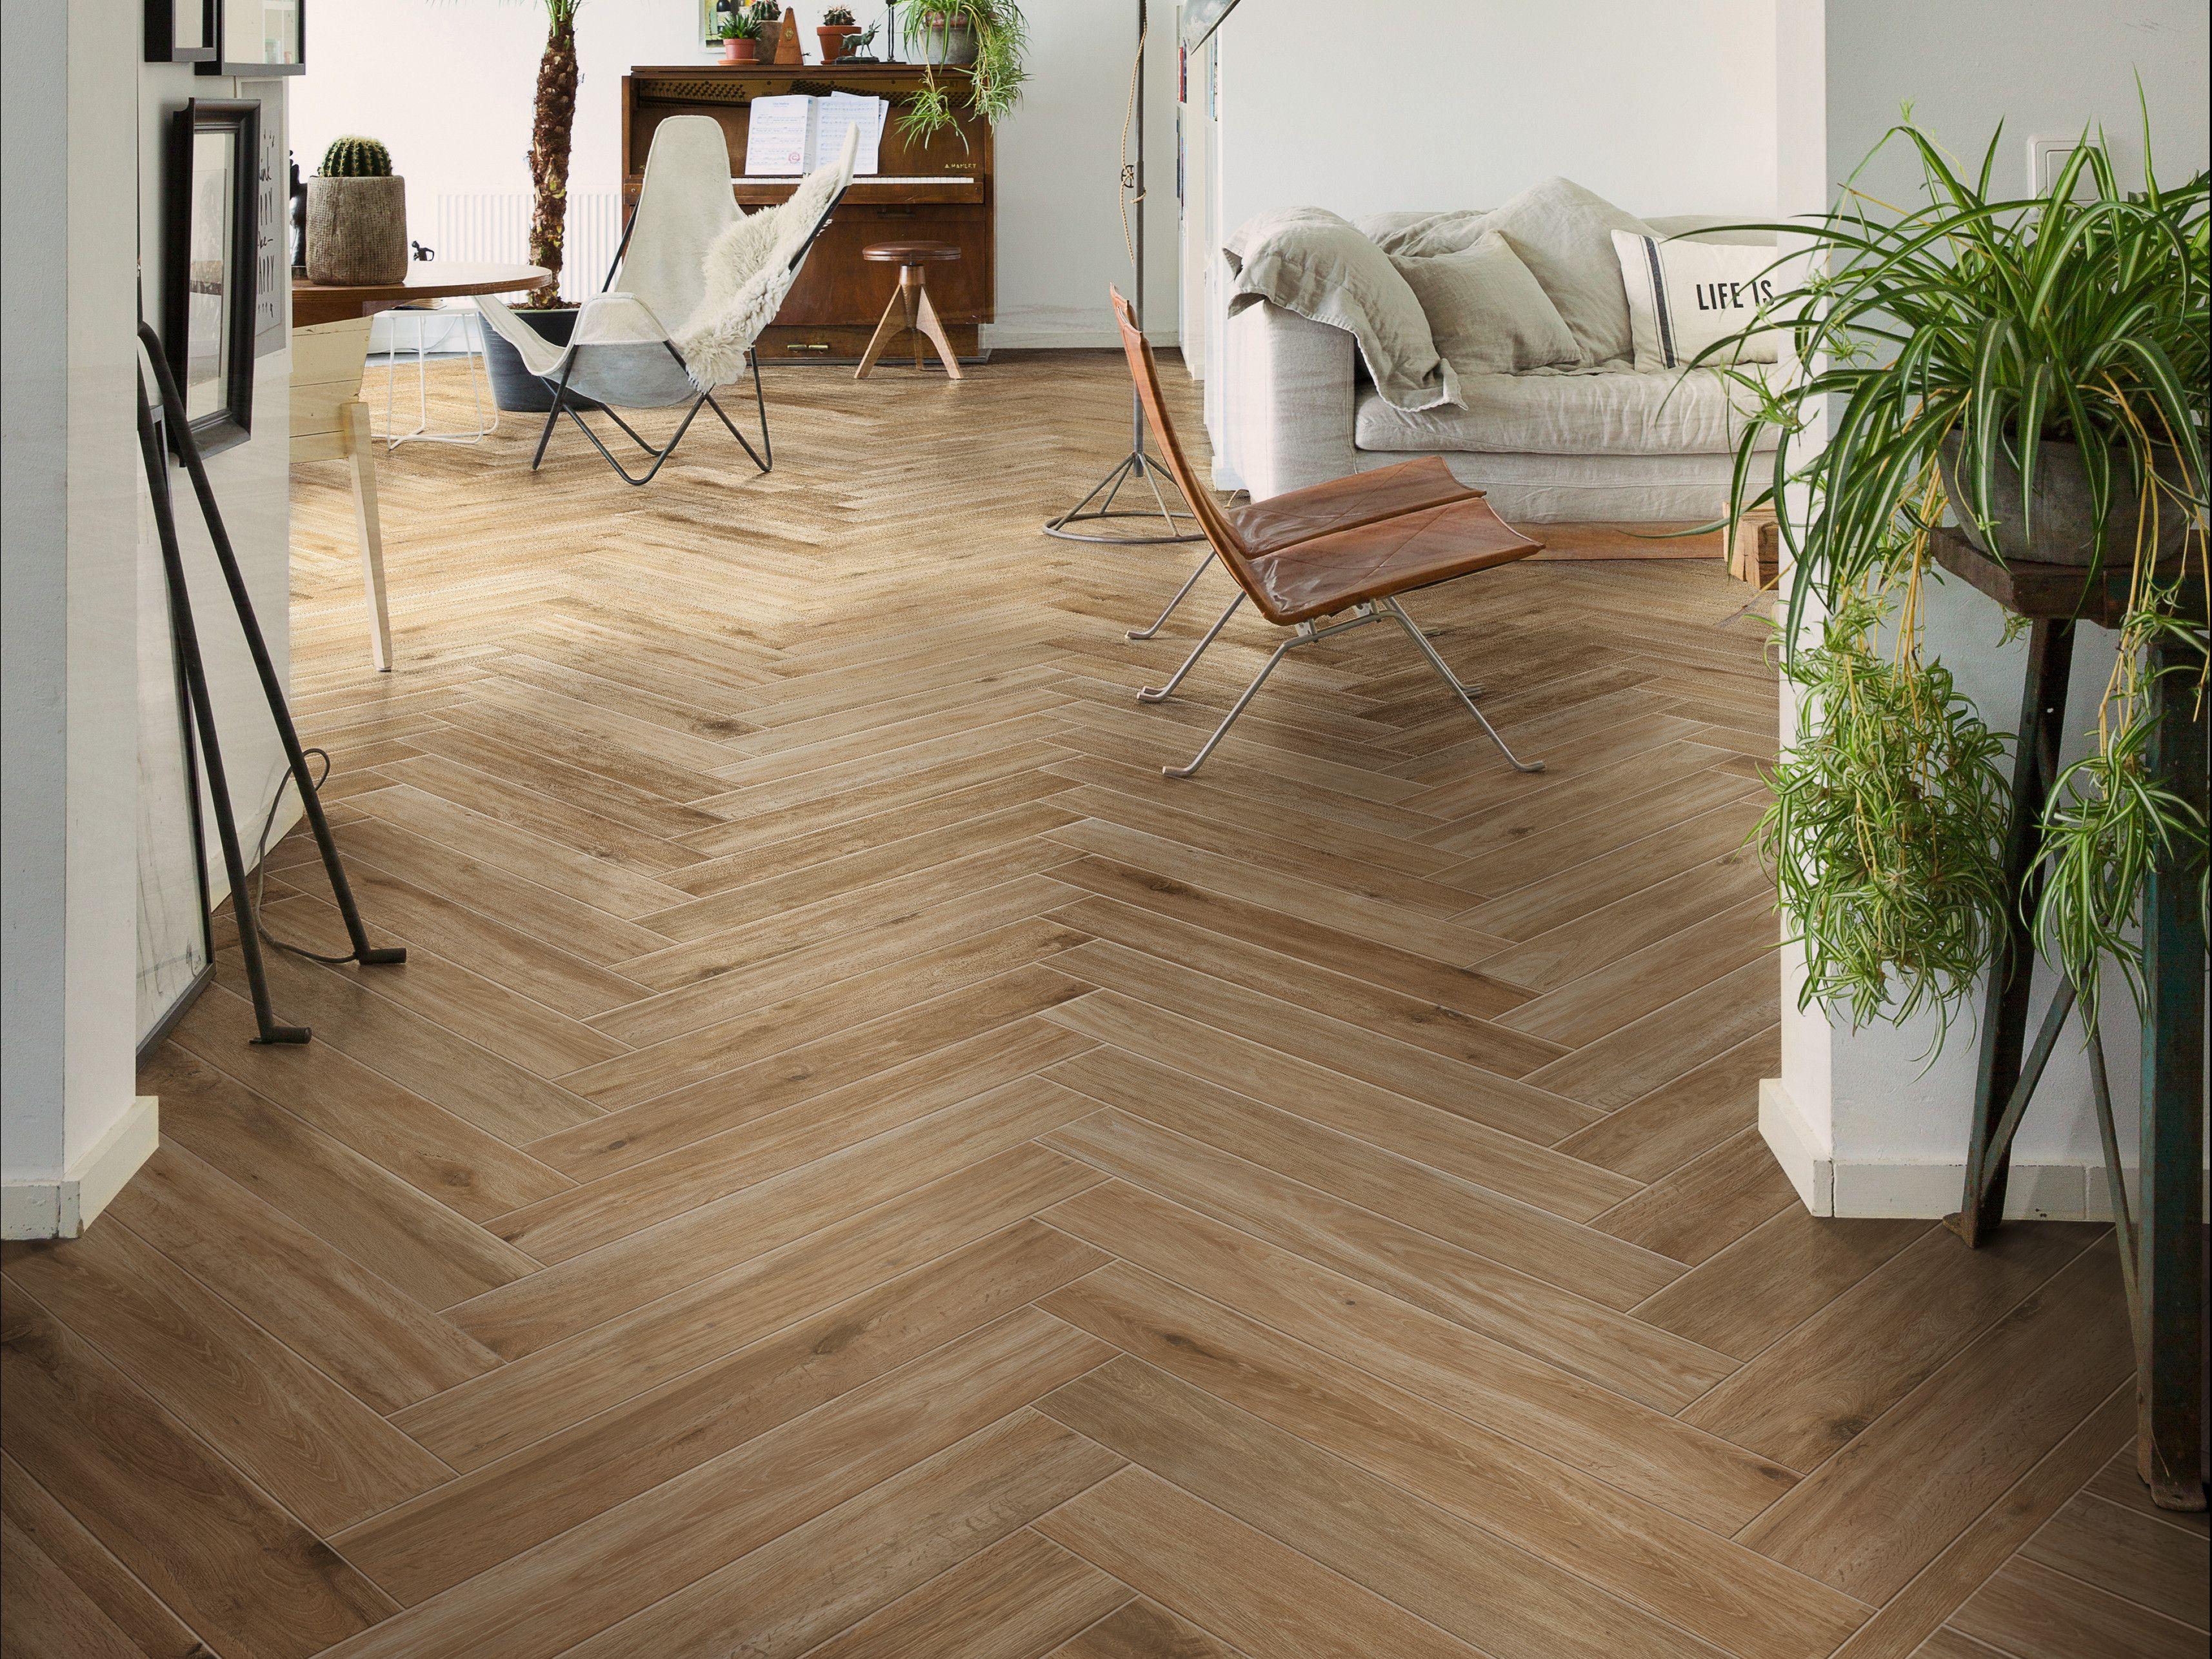 Pavimento in gres porcellanato effetto legno woodglam by ragno for Pavimenti 3d prezzi